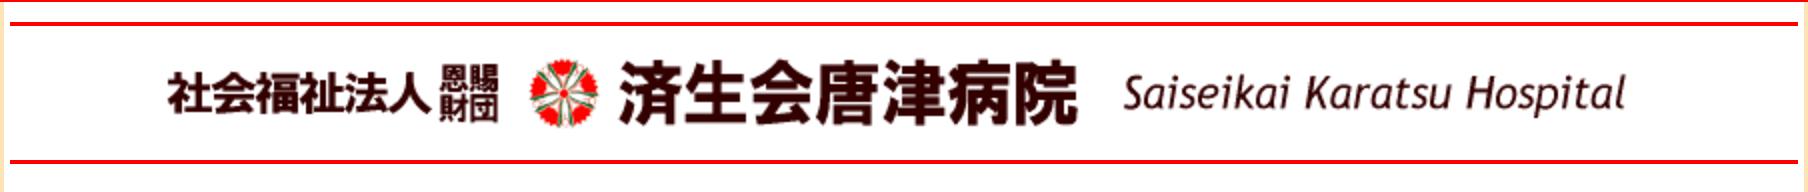 済生会唐津病院